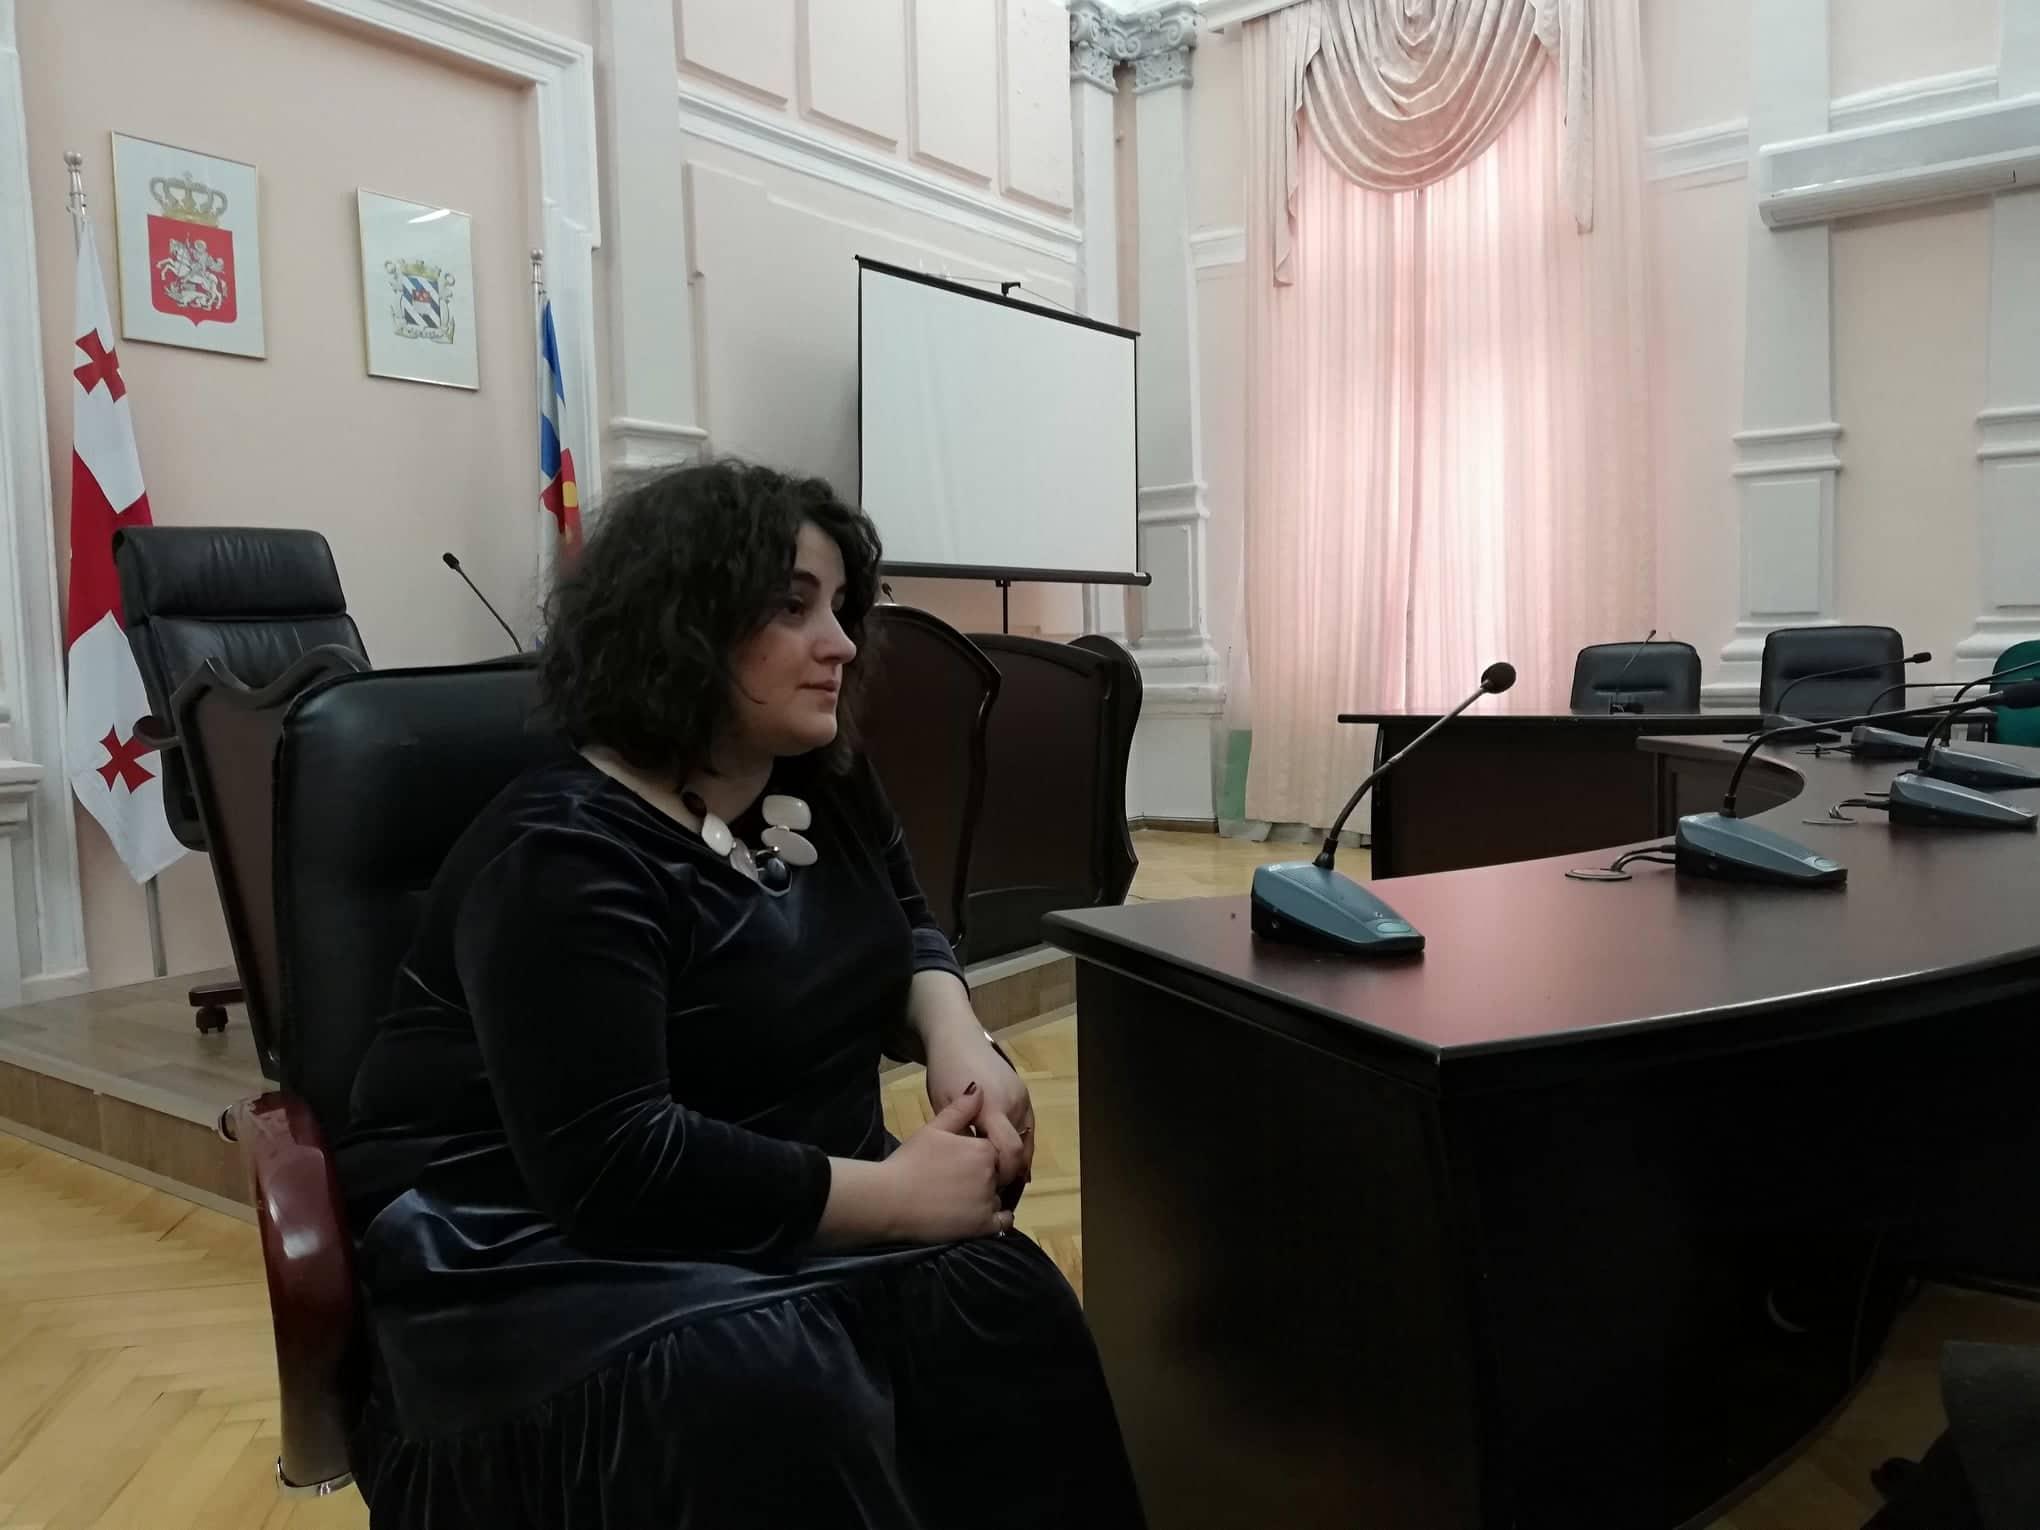 სამოქალაქო მრჩეველთა საბჭოს შეხვედრა იანვარი